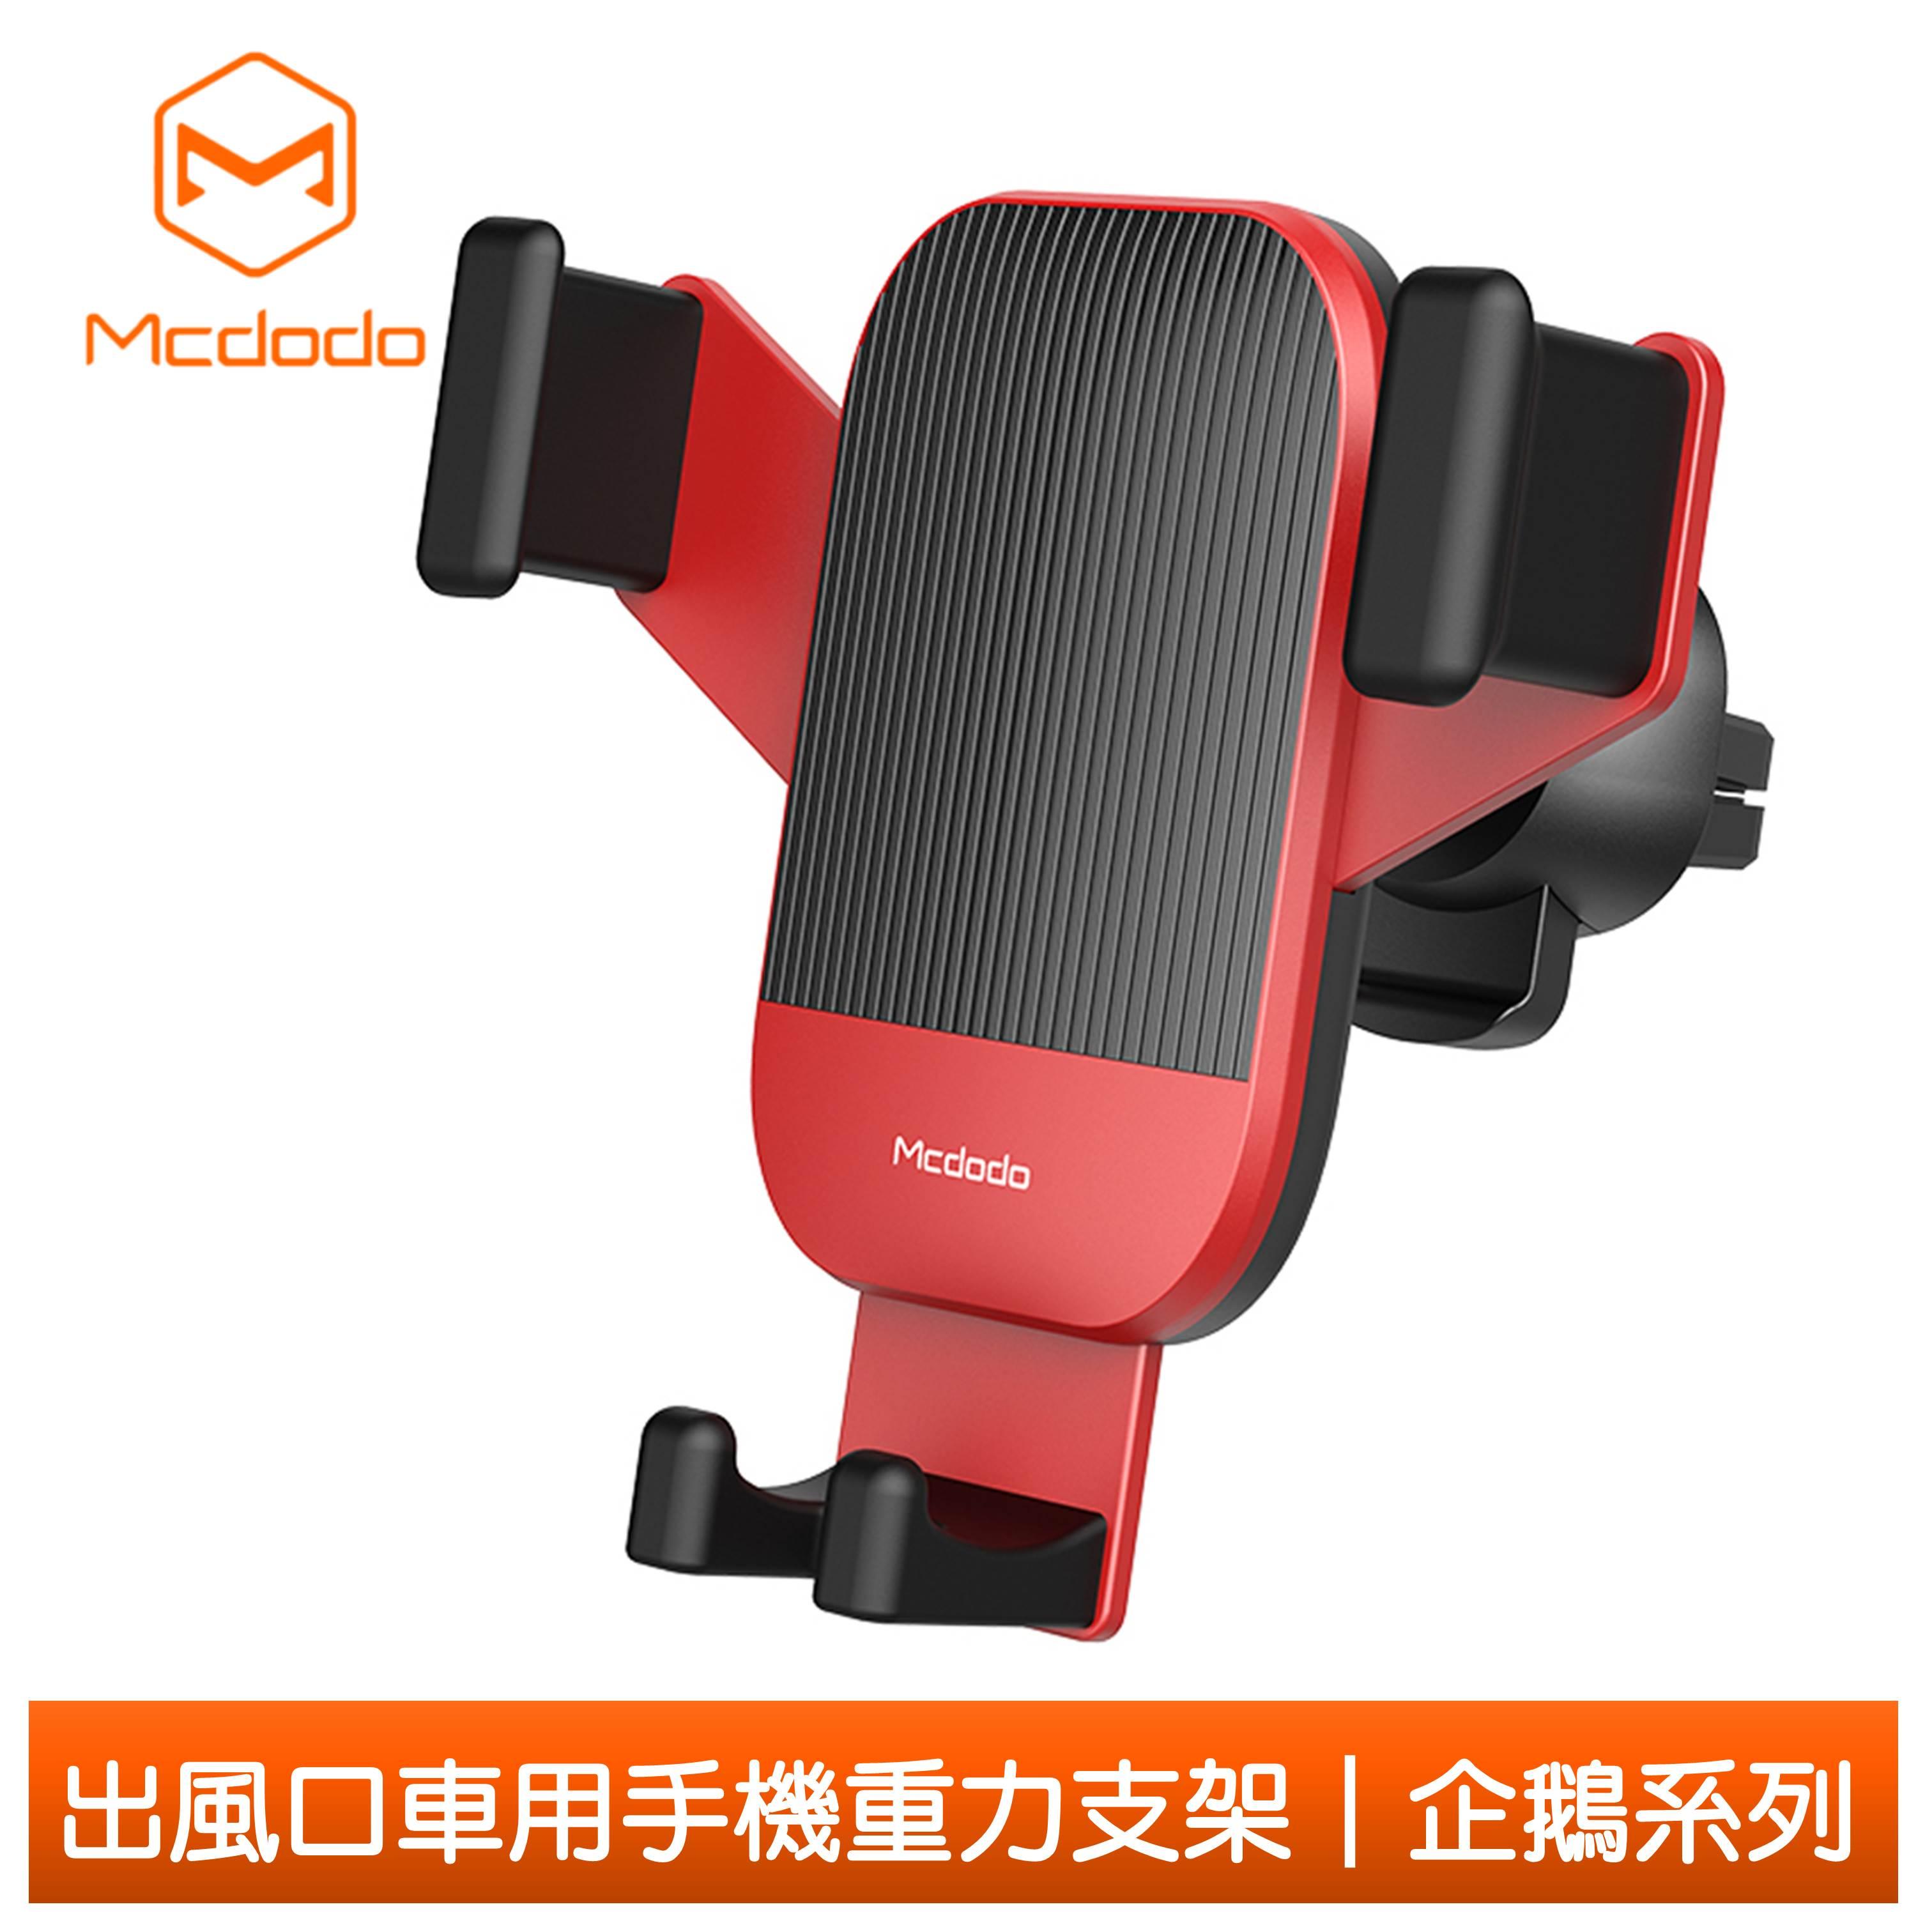 Mcdodo麥多多台灣官方 出風口 手機 支架 重力 車架 車用 企鵝系列 紅色